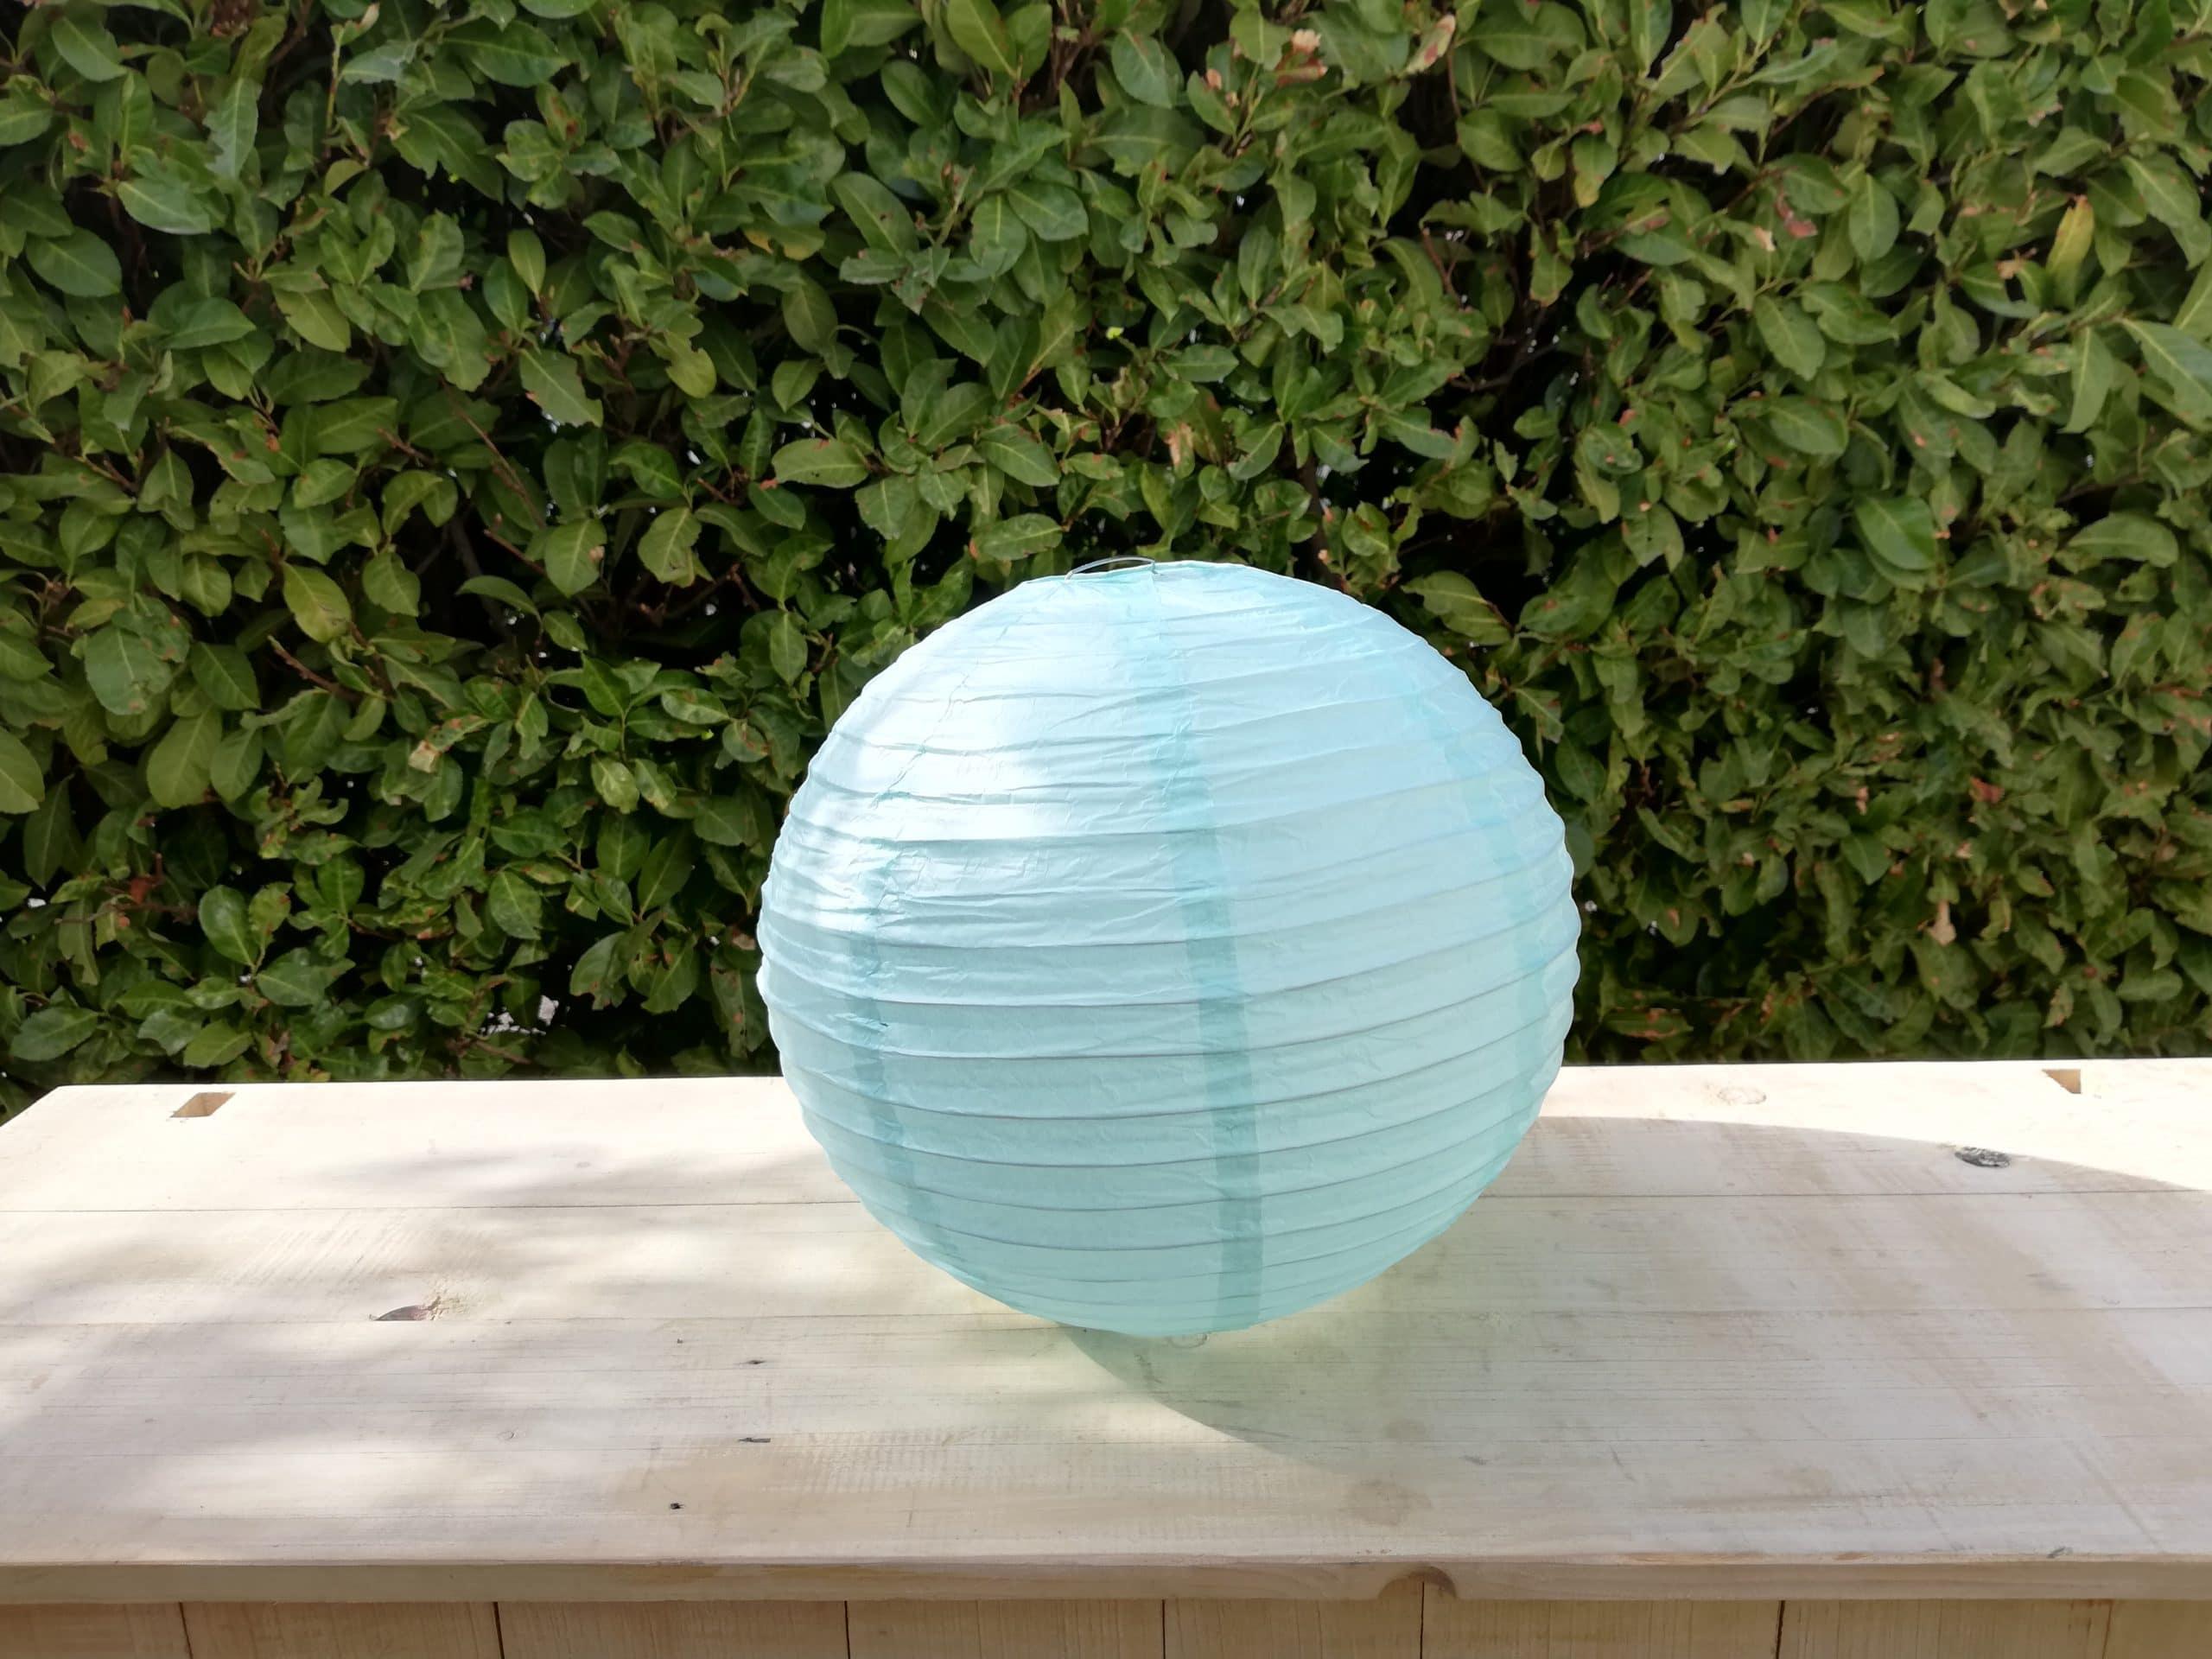 location de boules chinoises turquoise proposées par esprit pop'up